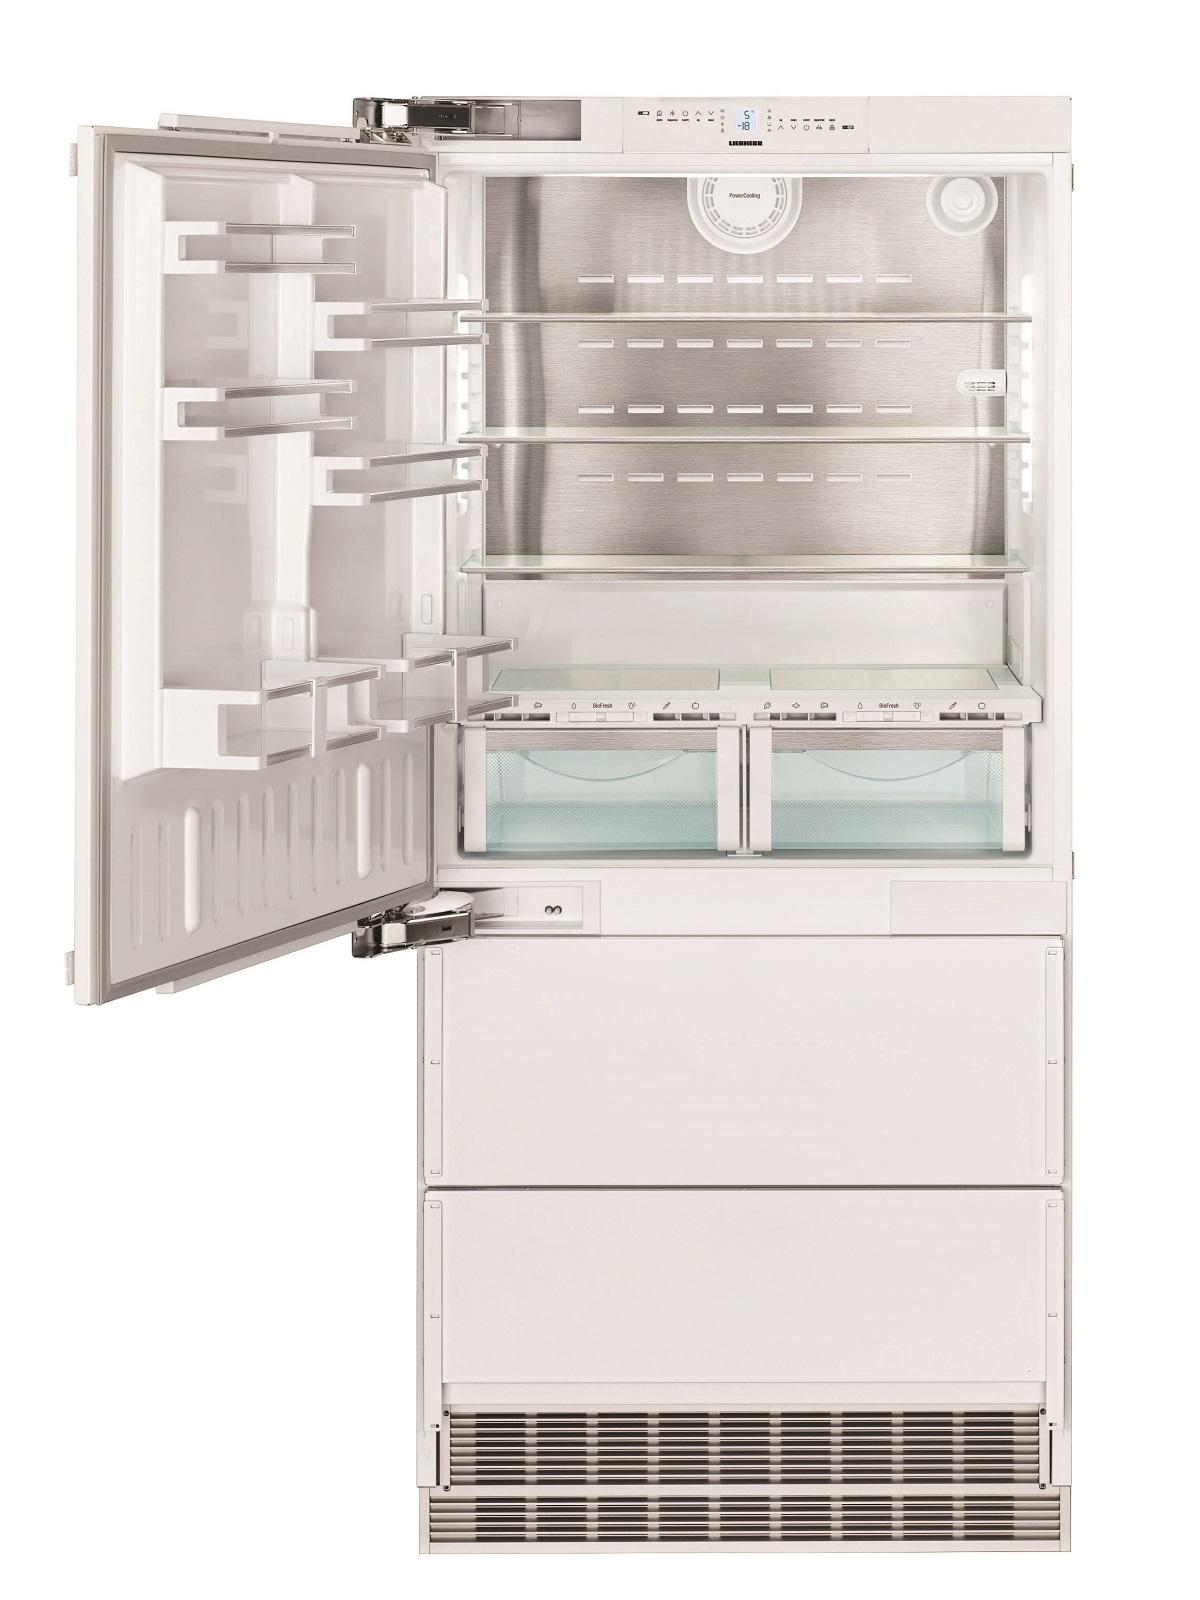 купить Встраиваемый двухкамерный холодильник Liebherr ECBN 6156 617 Украина фото 1